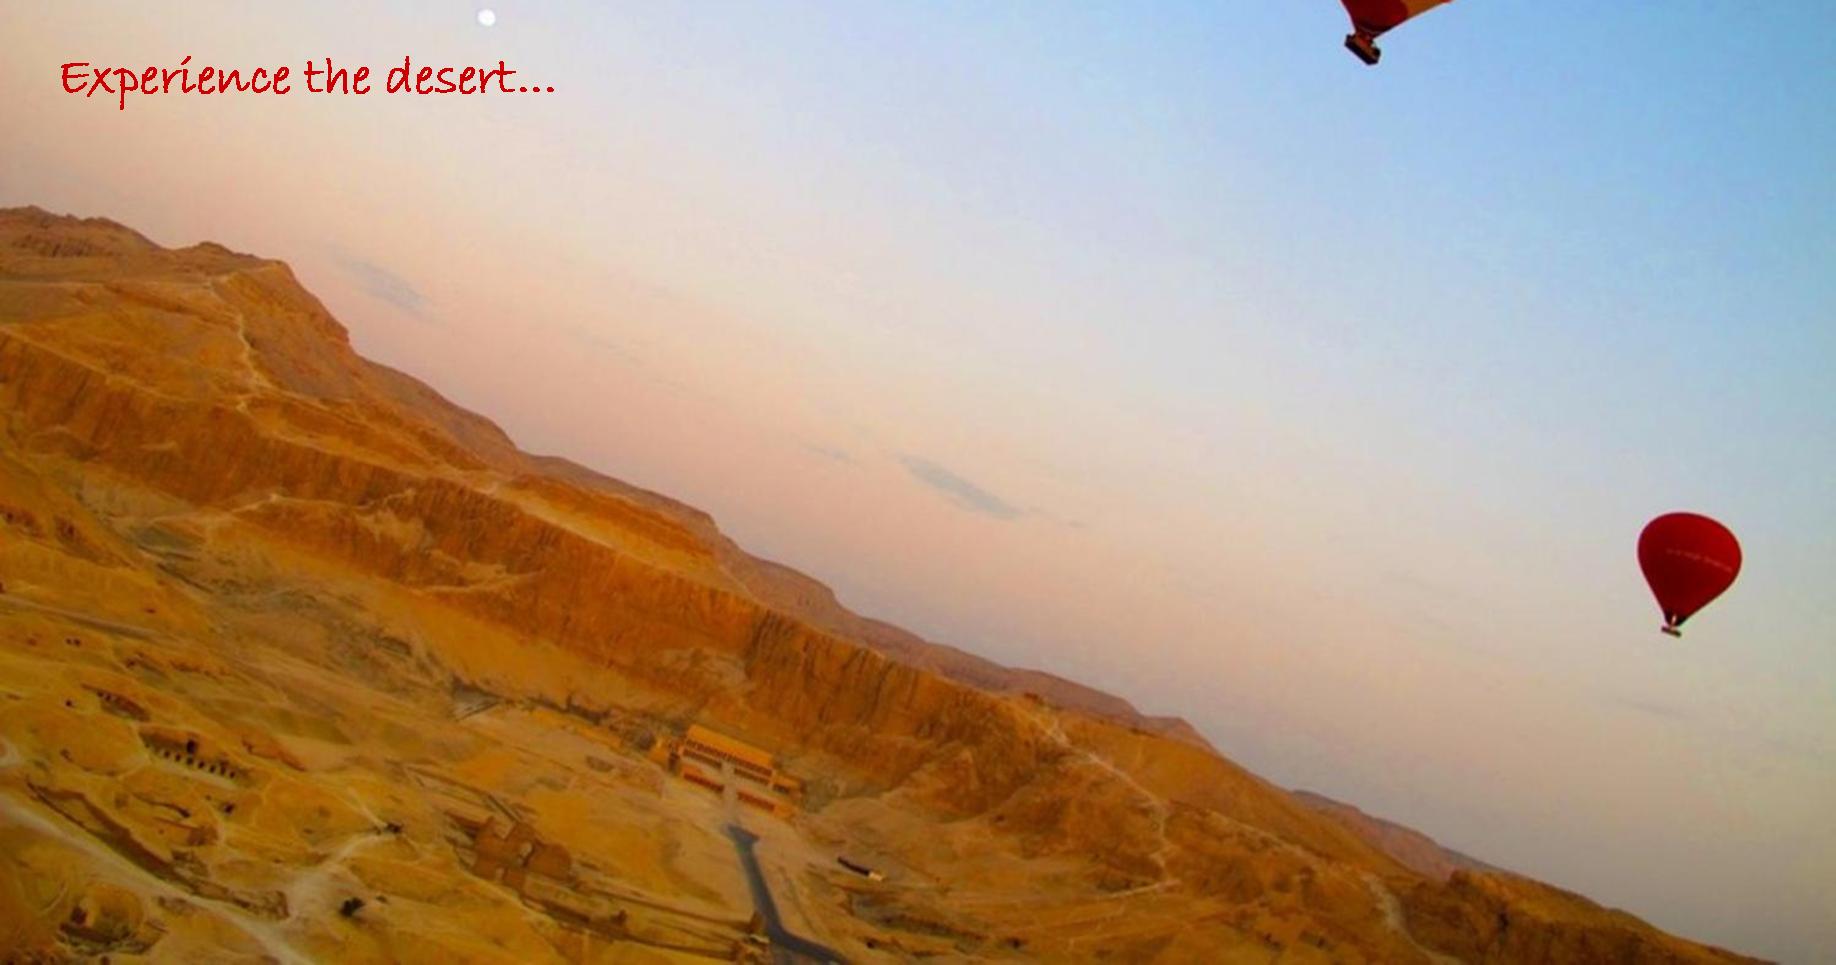 exp_desert